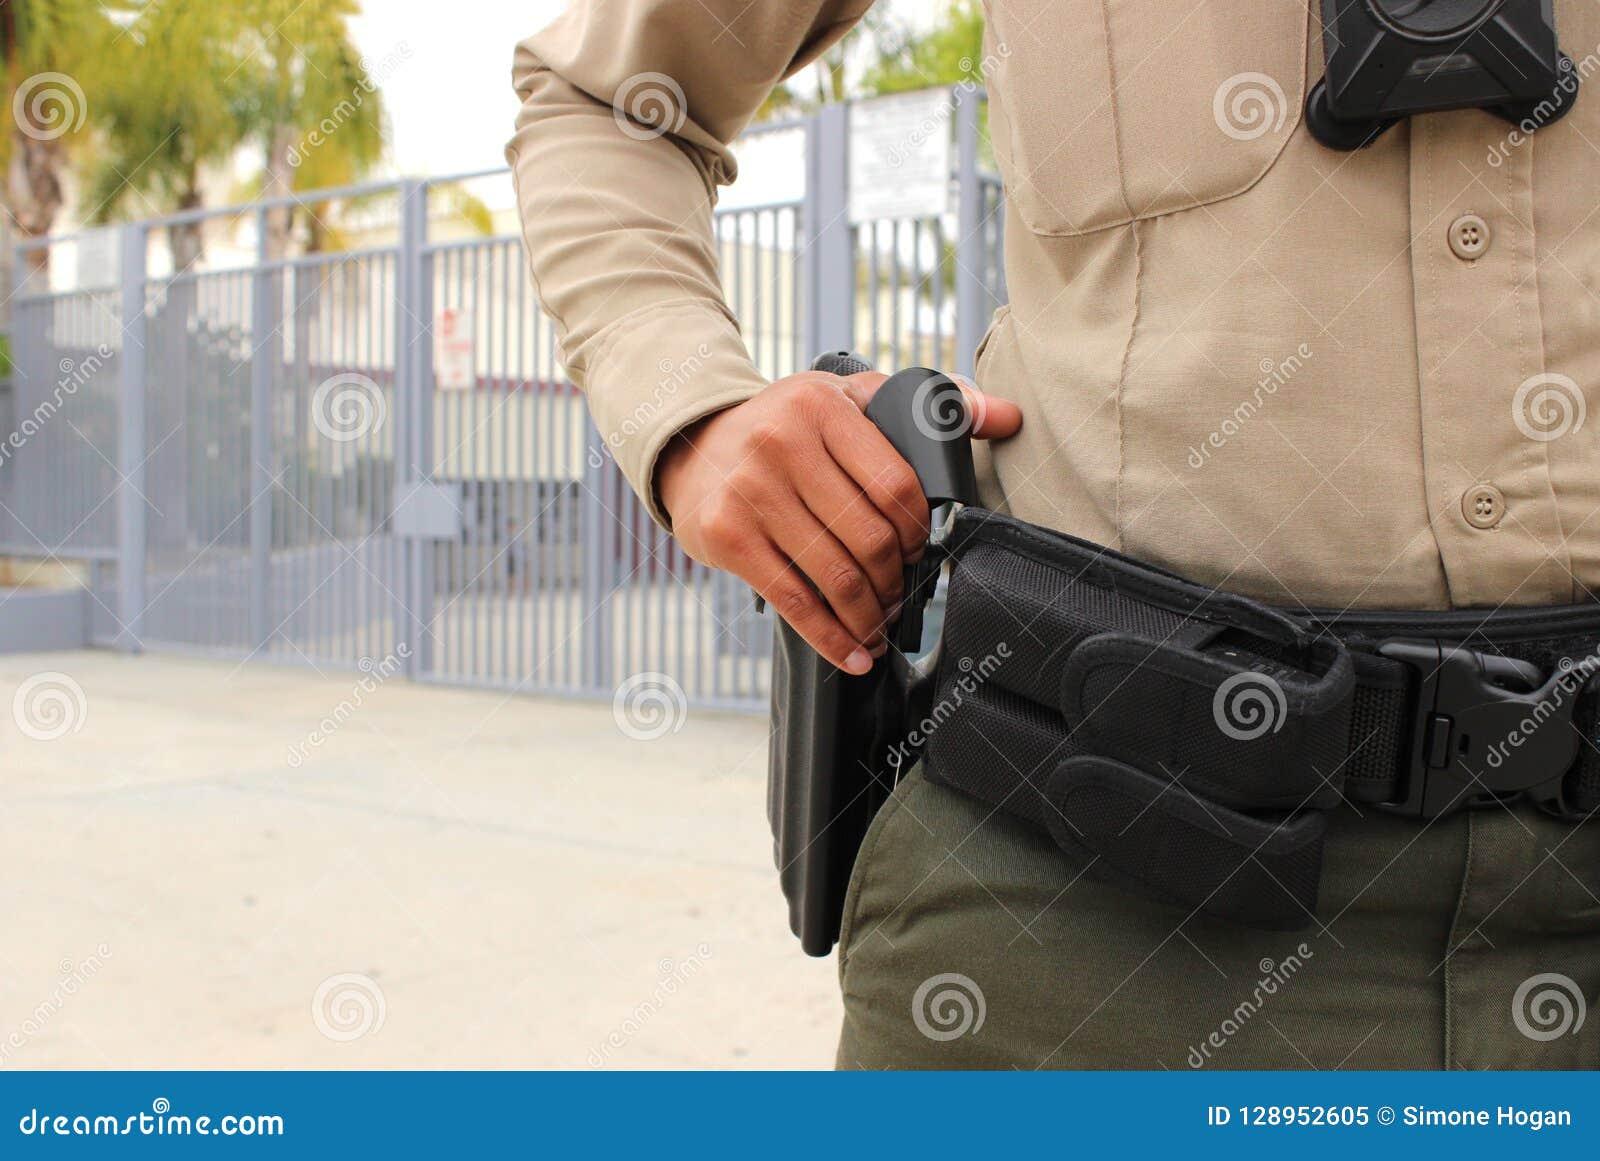 Polizeibeamte, der Highschool Campus schützt